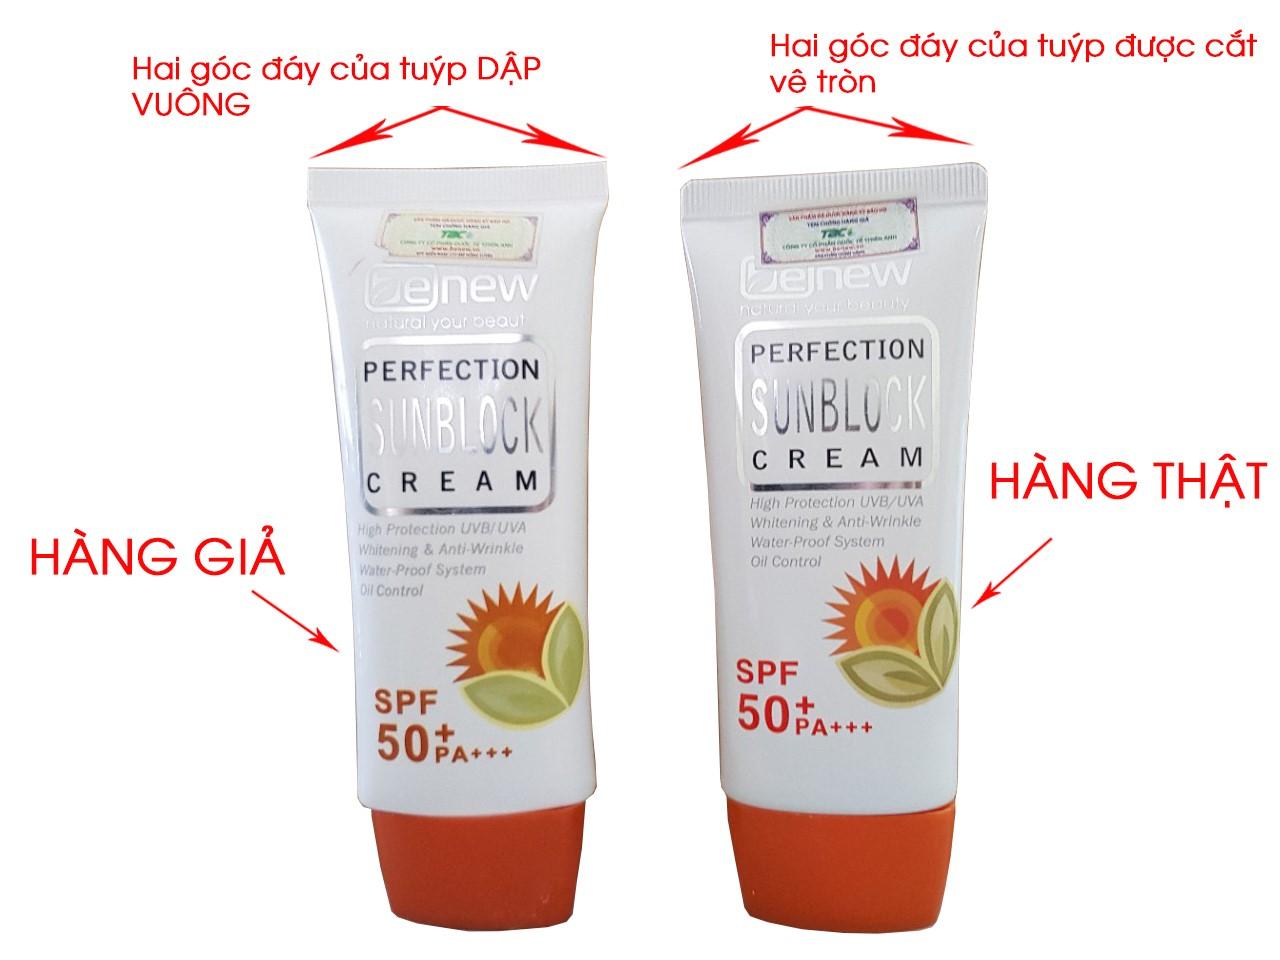 review kem chong nang Benew Perfection Sunblock Cream - phan biet hang that